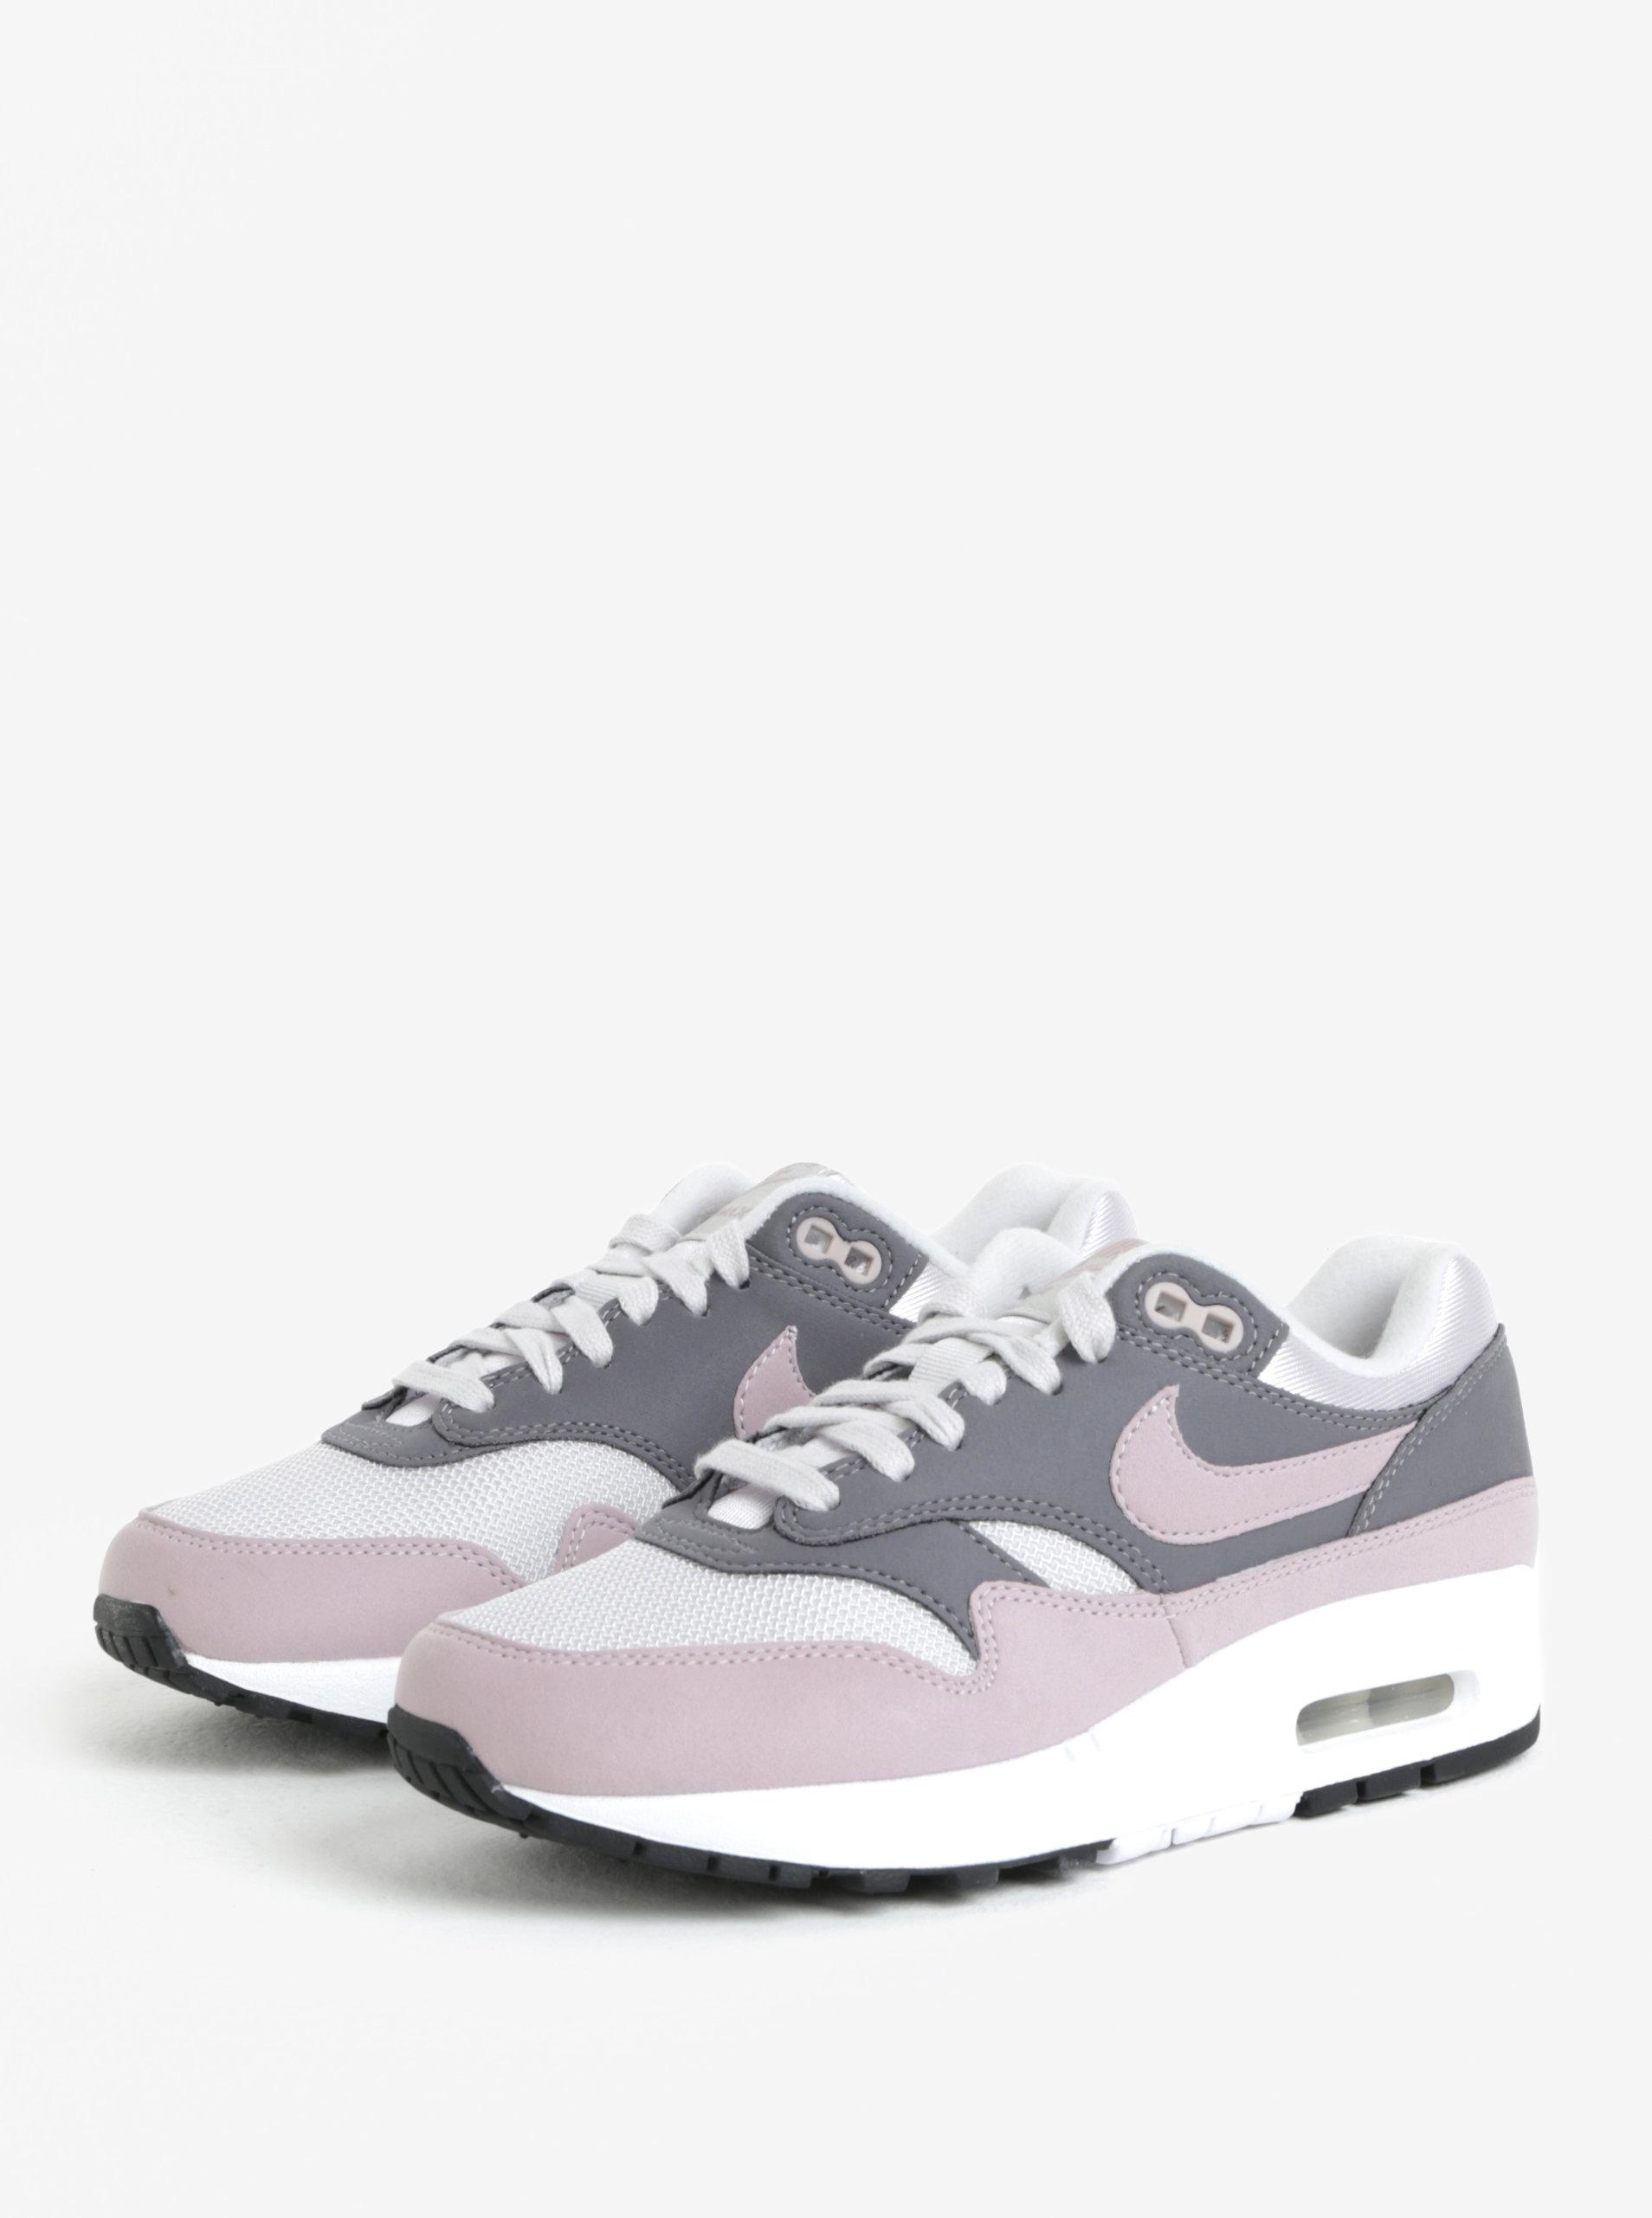 Šedo-růžové dámské tenisky Nike Air Max 1 ... e60e092f4b3